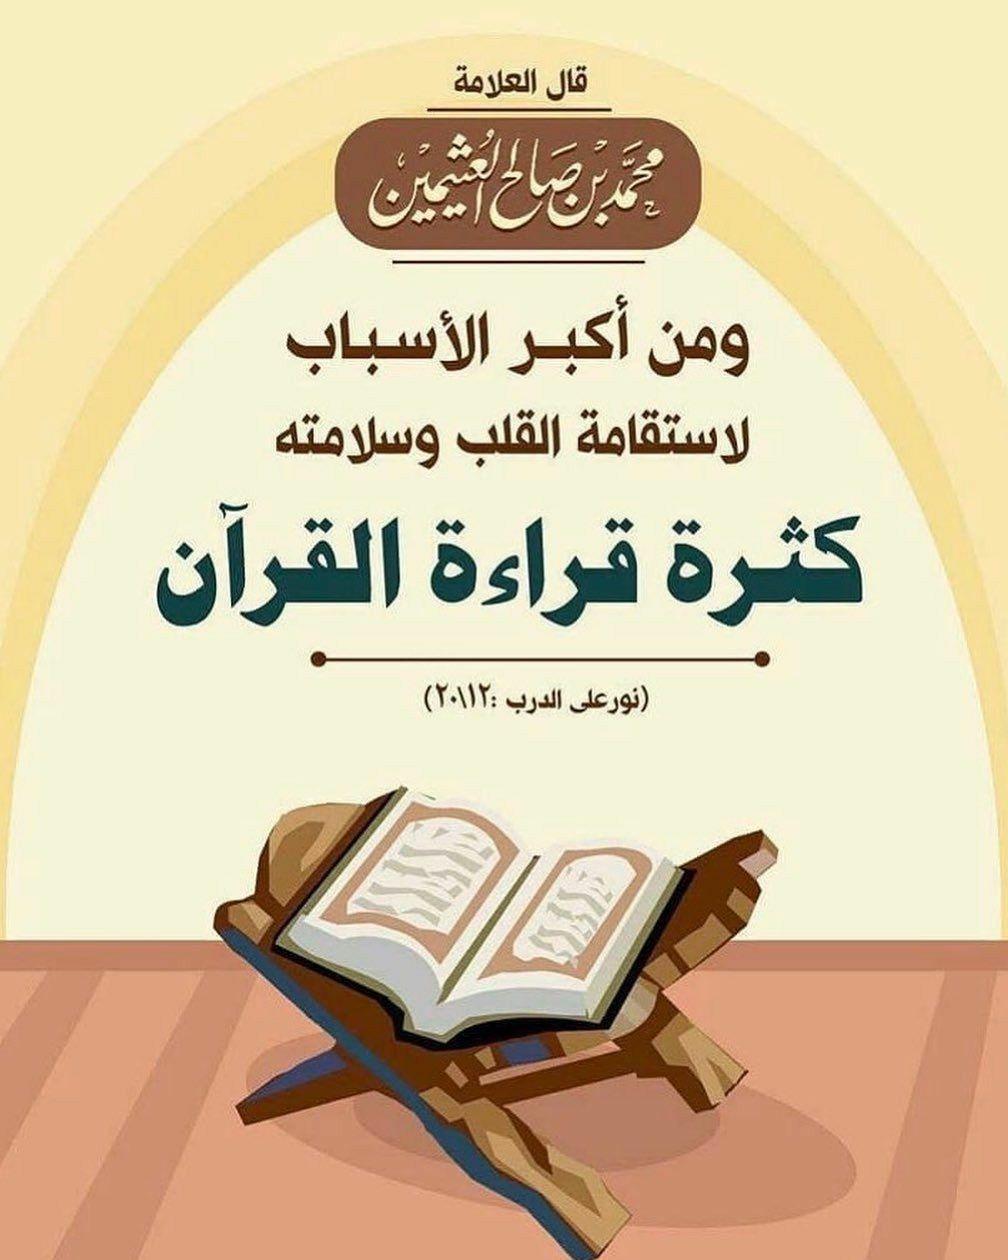 Pin By Al Yamama On اللهم اجعل القرآن ربيع قلوبنا In 2020 Qpr Islam Chair